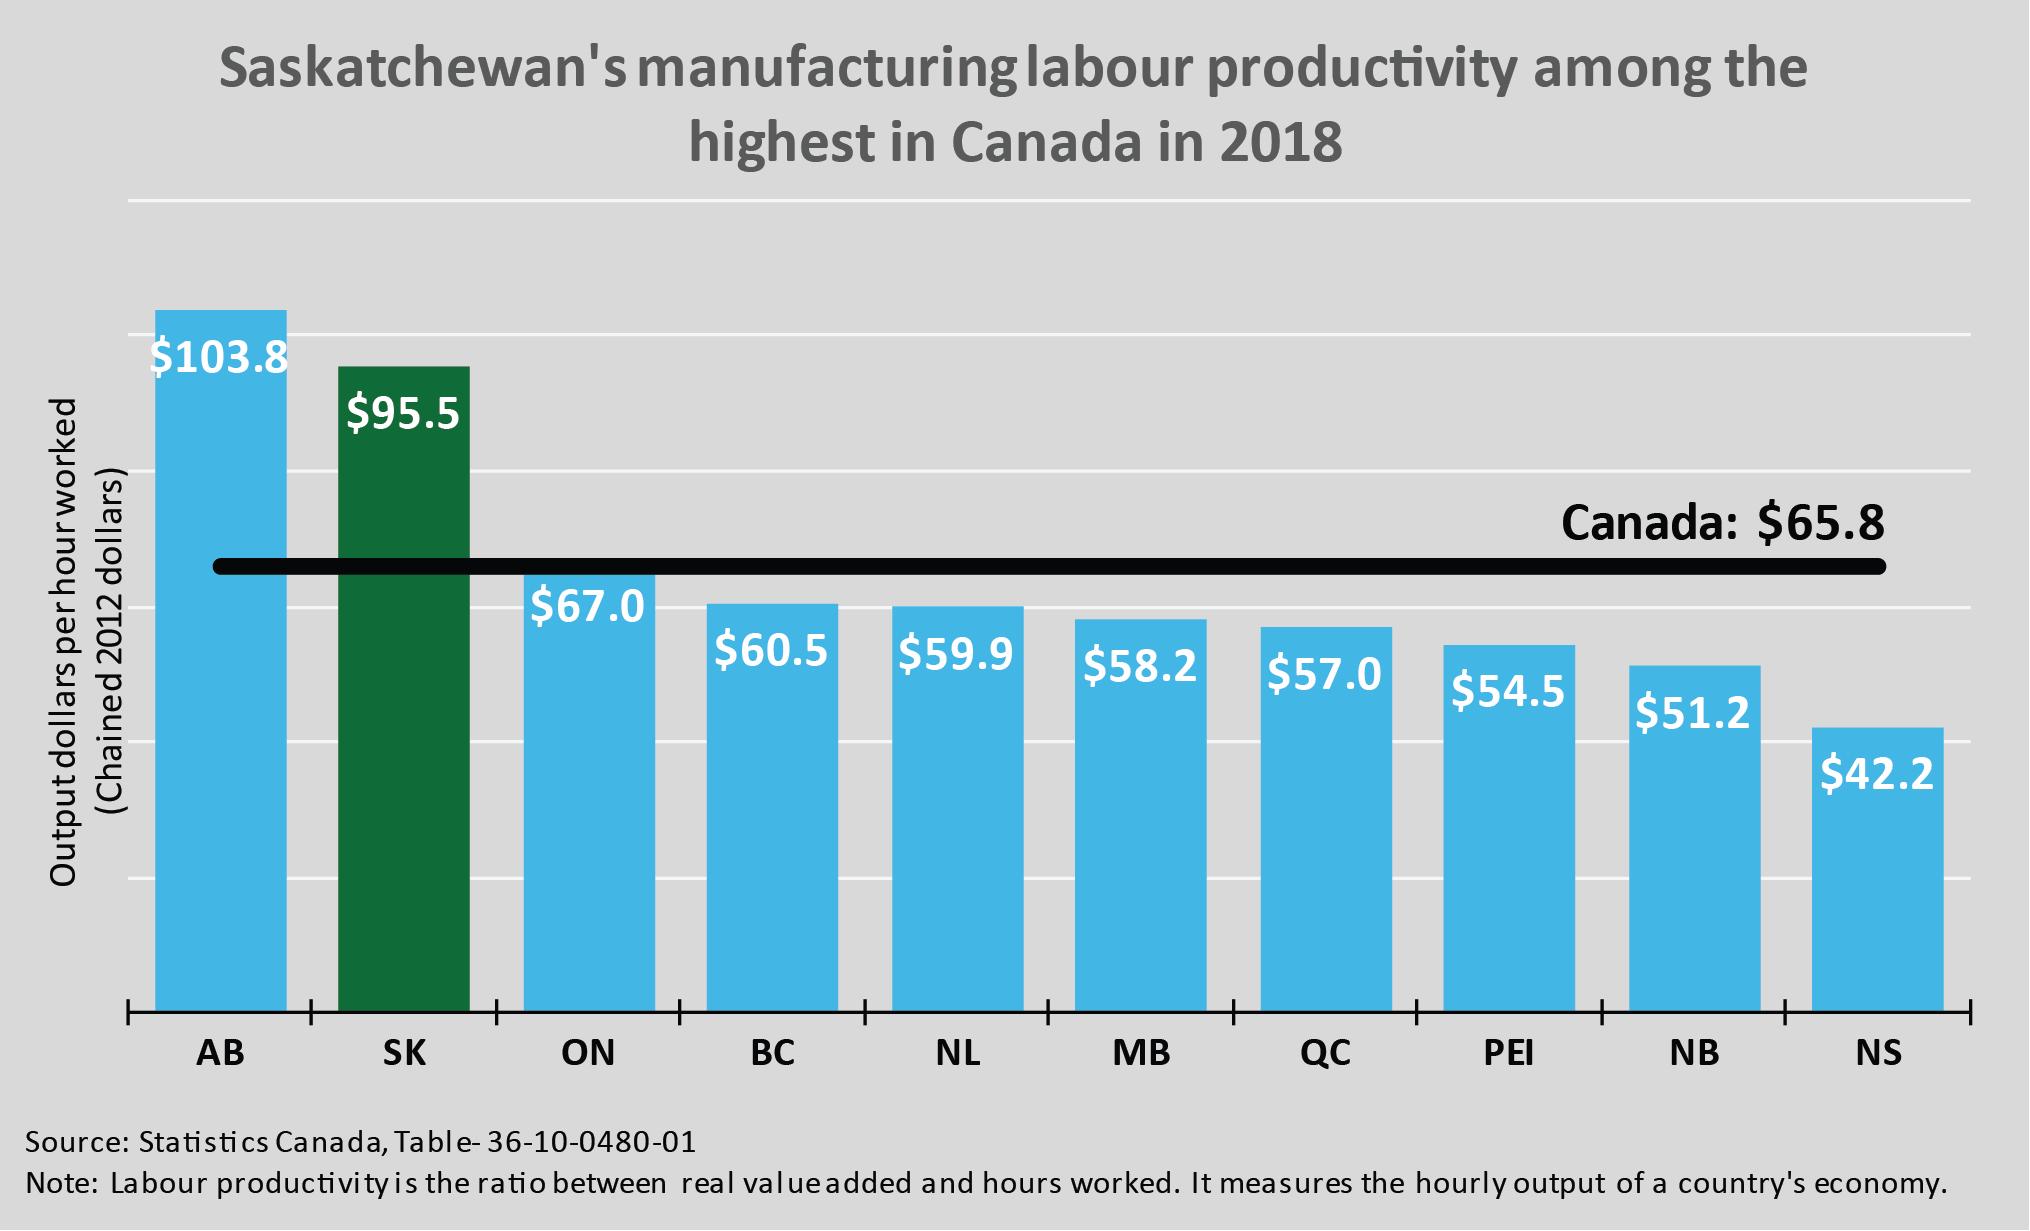 Graph showing Saskatchewan's manufacturing labour productivity